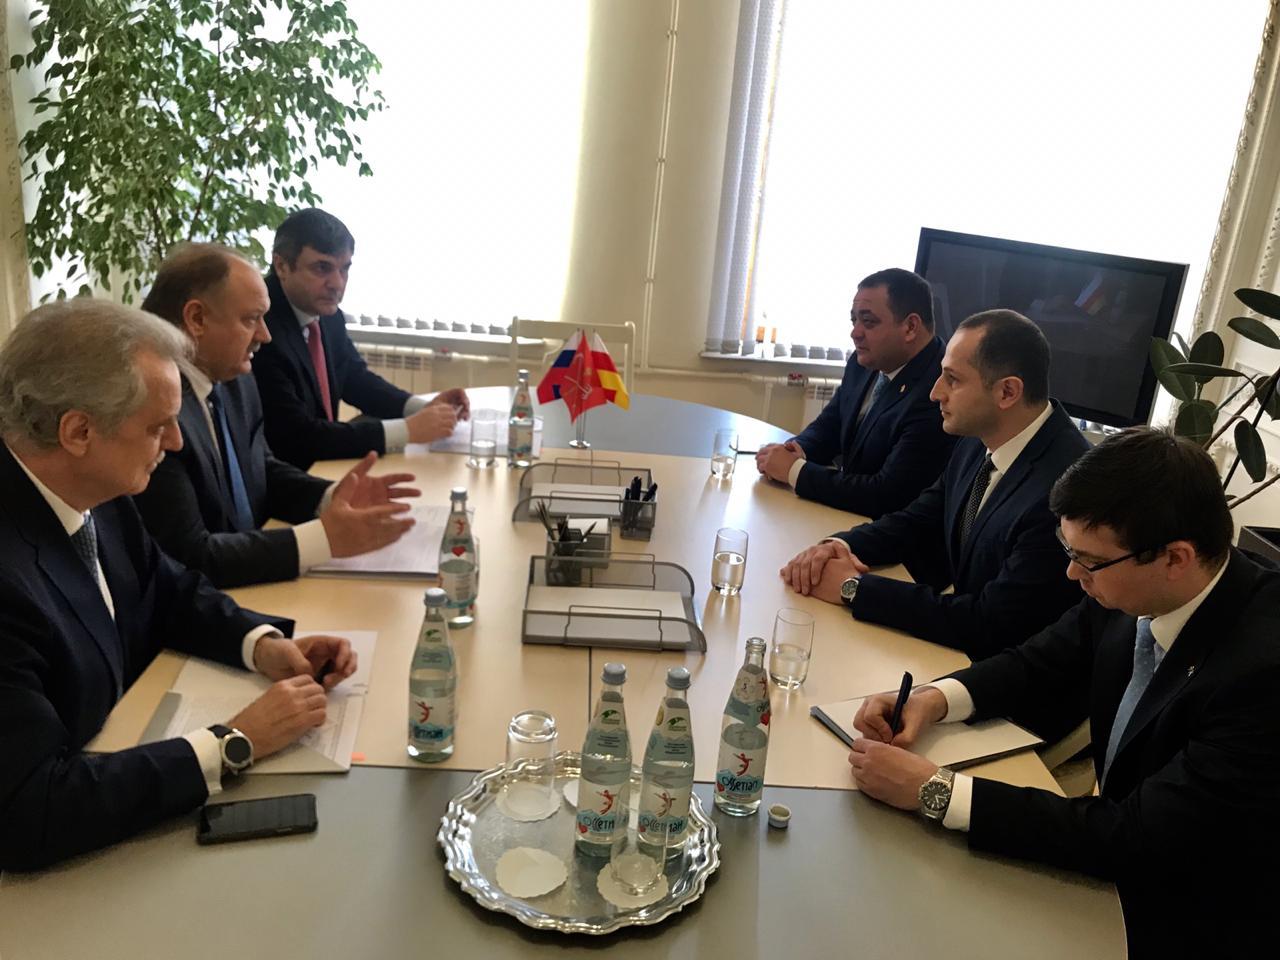 Продолжается деловое сотрудничество между Цхинвалом и Санкт-Петербургом